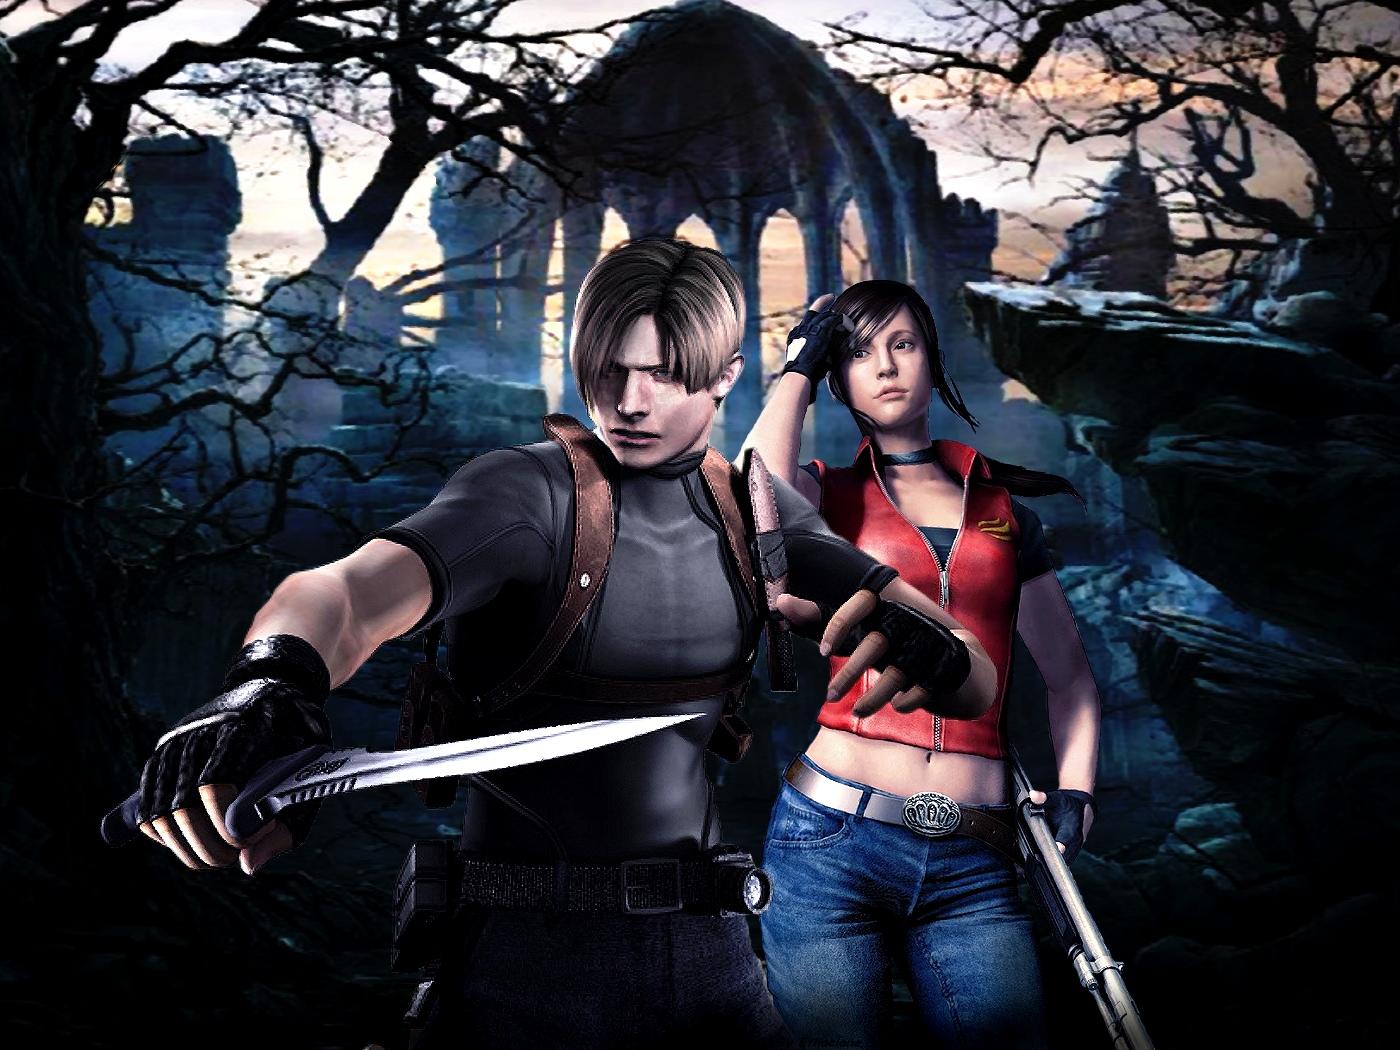 Resident Evil Wallpaper 14 By Ethaclane On DeviantArt